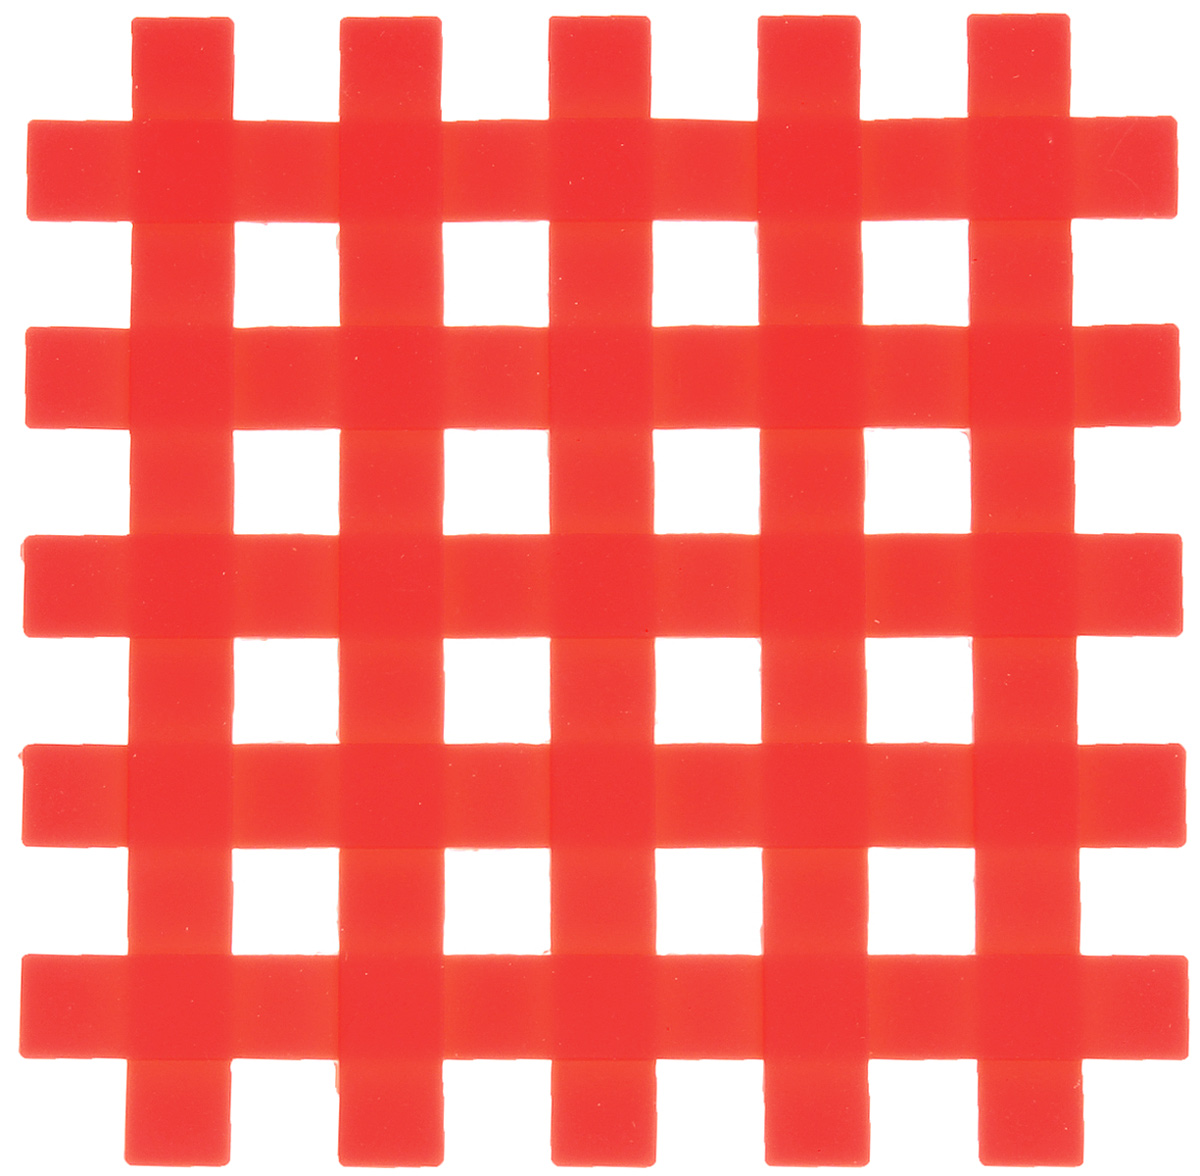 Подставка под горячее Mayer & Boch, силиконовая, цвет: красный, 17 х 17 см115510Подставка под горячее Mayer & Boch изготовлена из силикона и оформлена ввиде сетки. Материал позволяет выдерживать высокиетемпературы и не скользит по поверхности стола.Каждая хозяйка знает, что подставка под горячее - это незаменимый и очень полезныйаксессуар на каждойкухне. Ваш стол будет не только украшен яркой и оригинальной подставкой, но также вы сможете уберечь его от воздействия высокихтемператур.